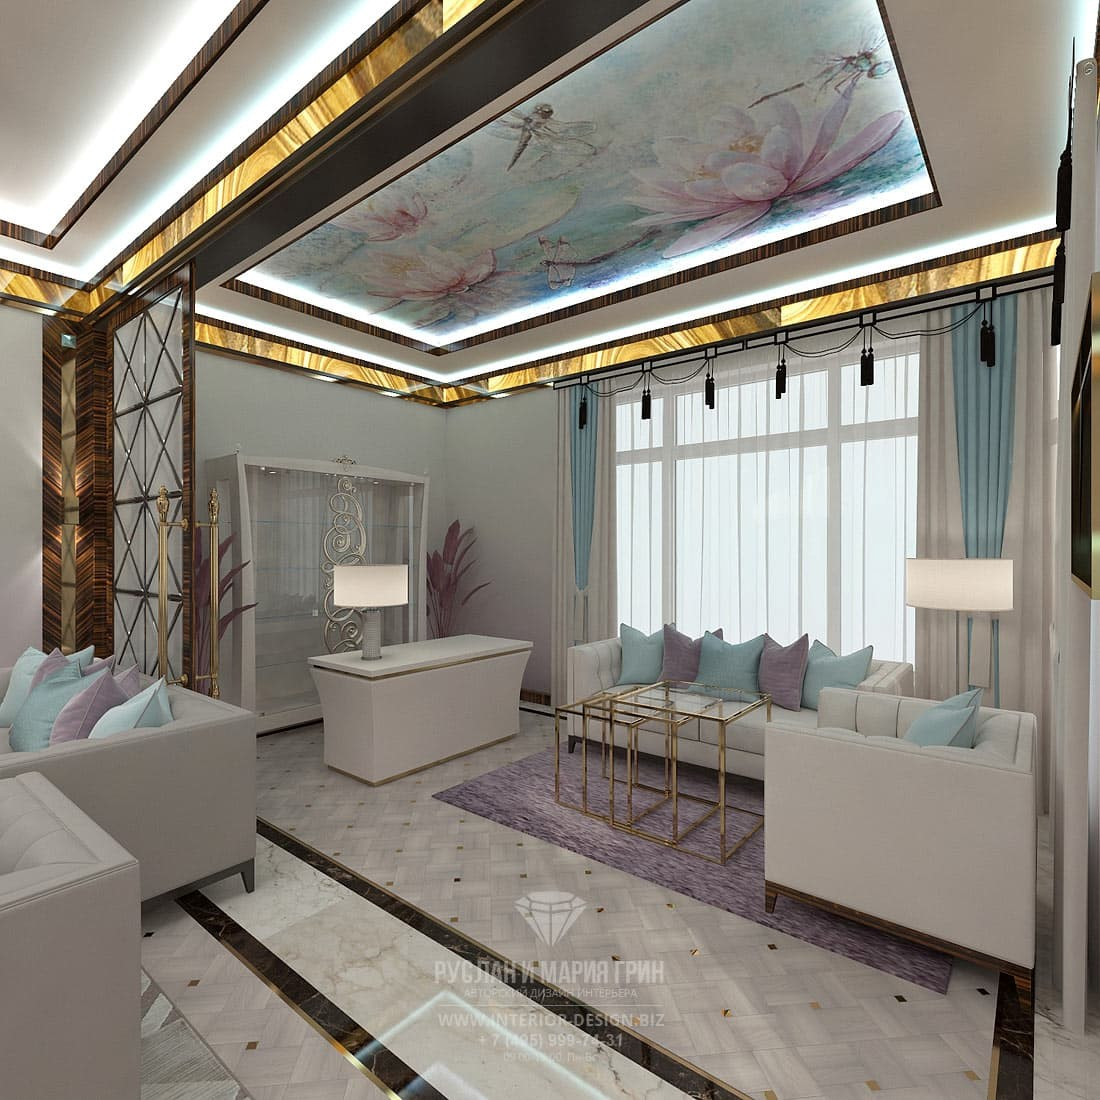 Эксклюзивный дизайн светлого кабинета с потолочной росписью